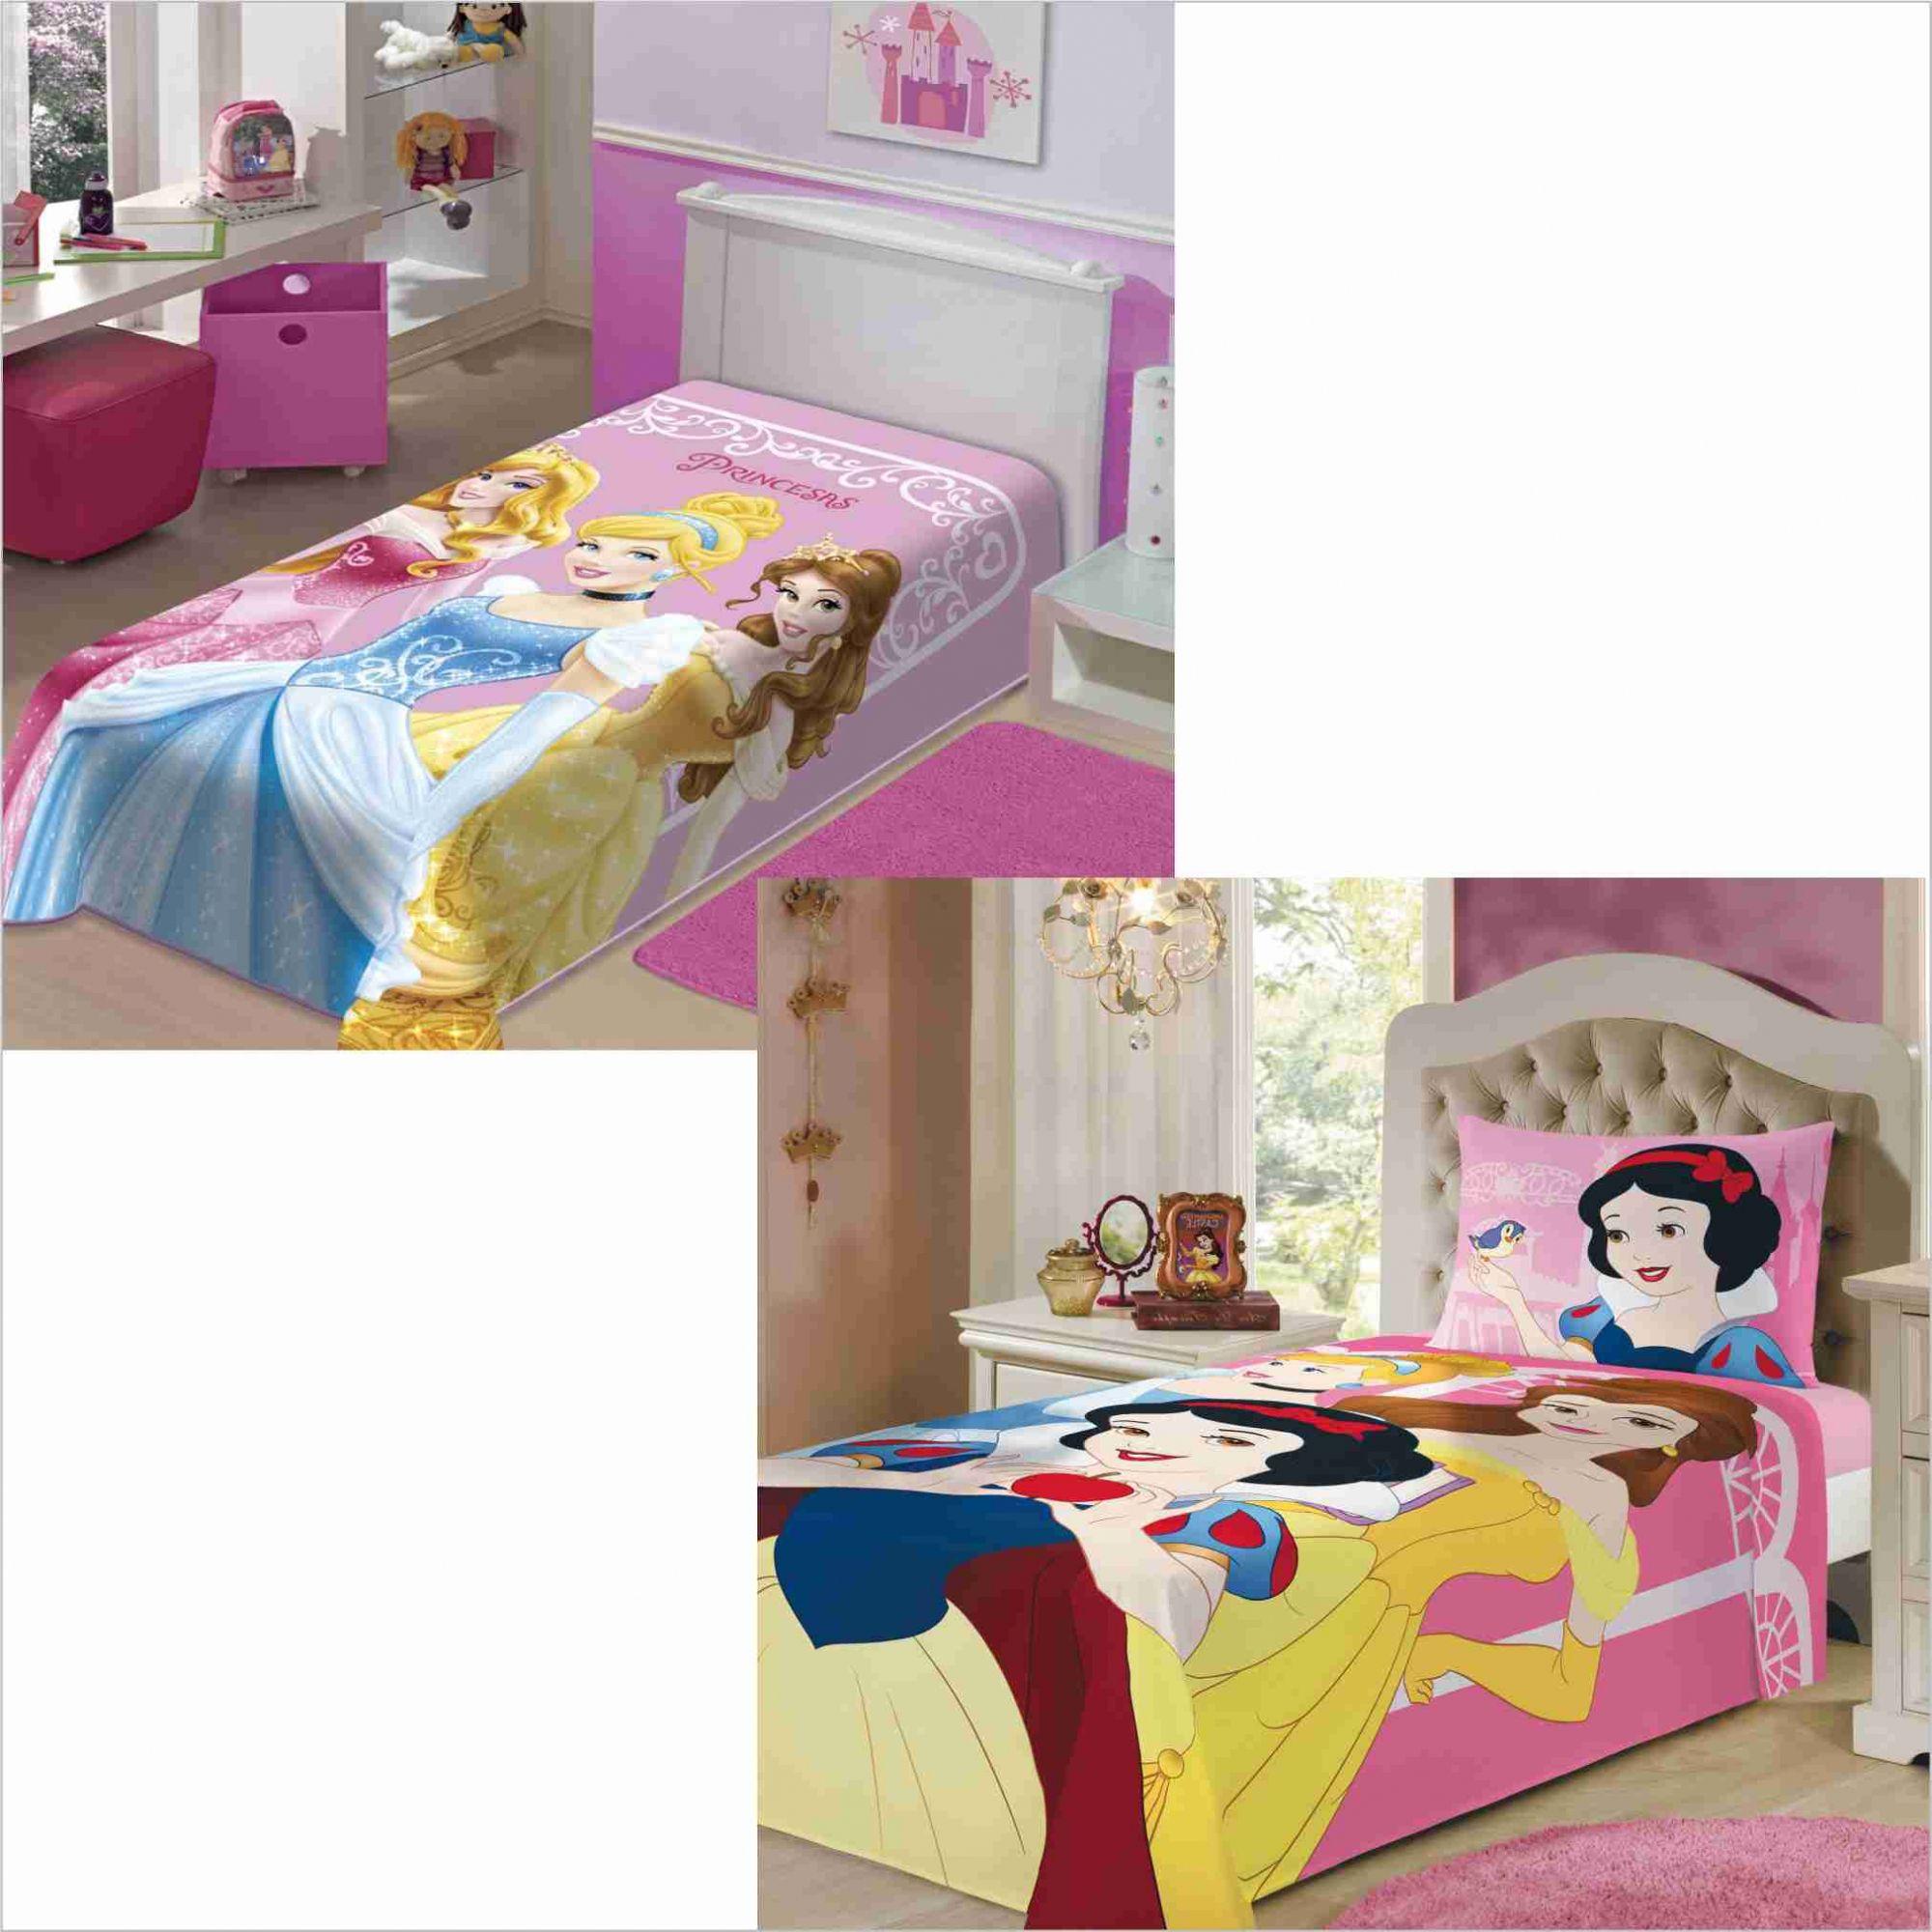 078a2dafdf Cobertor+ Jogo Cama Lençol 3pçs Infantil Princesas Disney -  PEQUENININHOS.COM